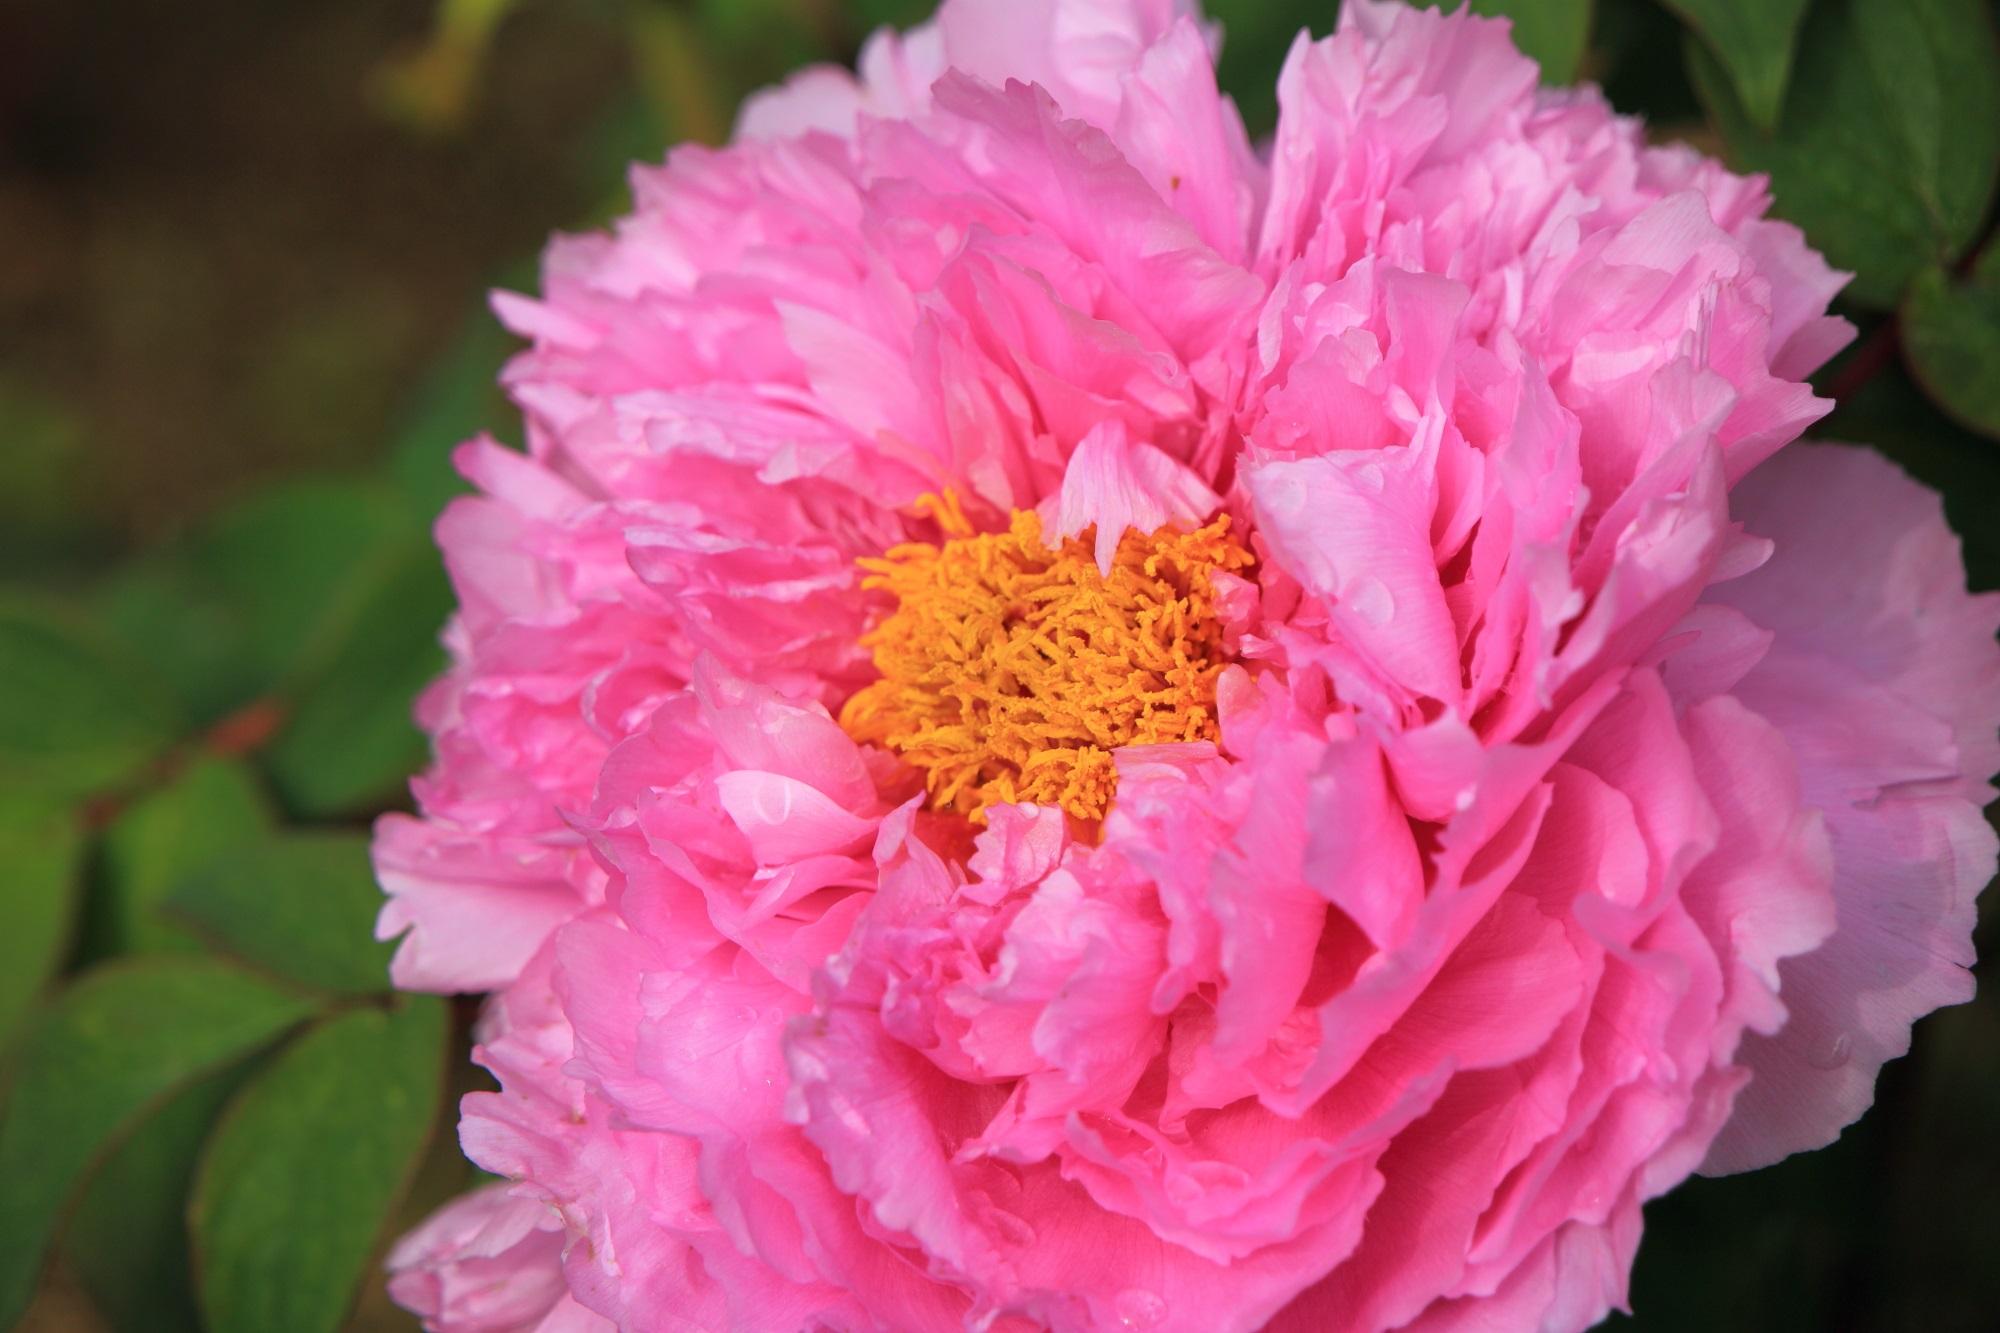 花びらが何重にも重なって元気に咲くボタンの花